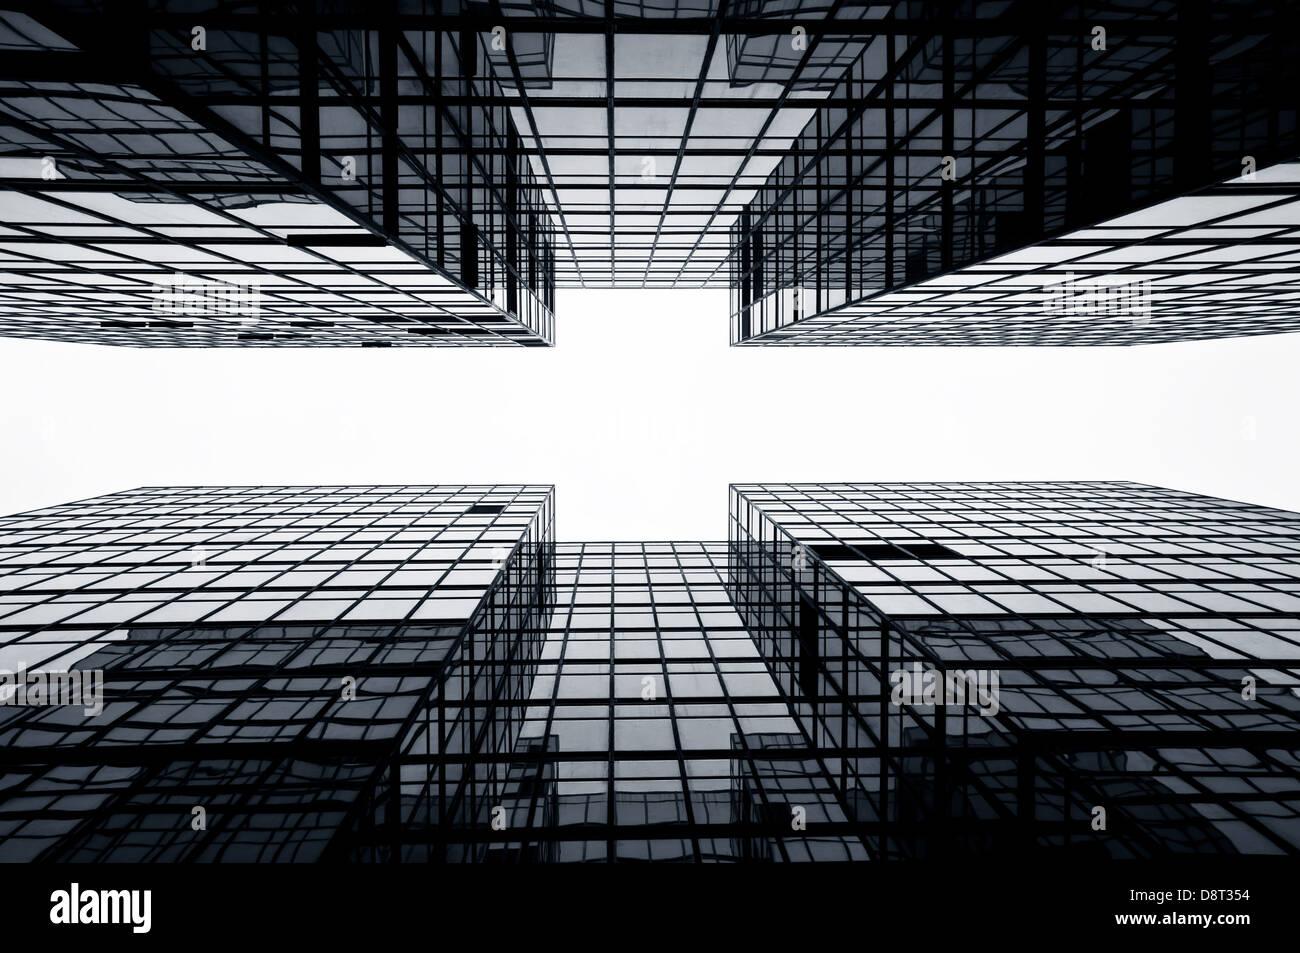 Oficina de vidrio rascacielos, Hong Kong Imagen De Stock